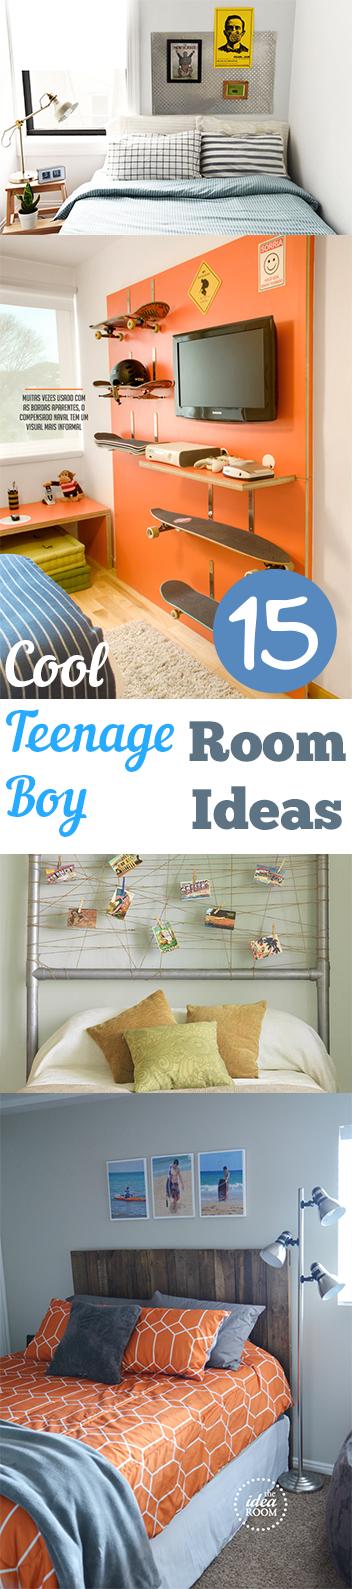 15 Cool Teenage Boy Room Ideas - My List of Lists